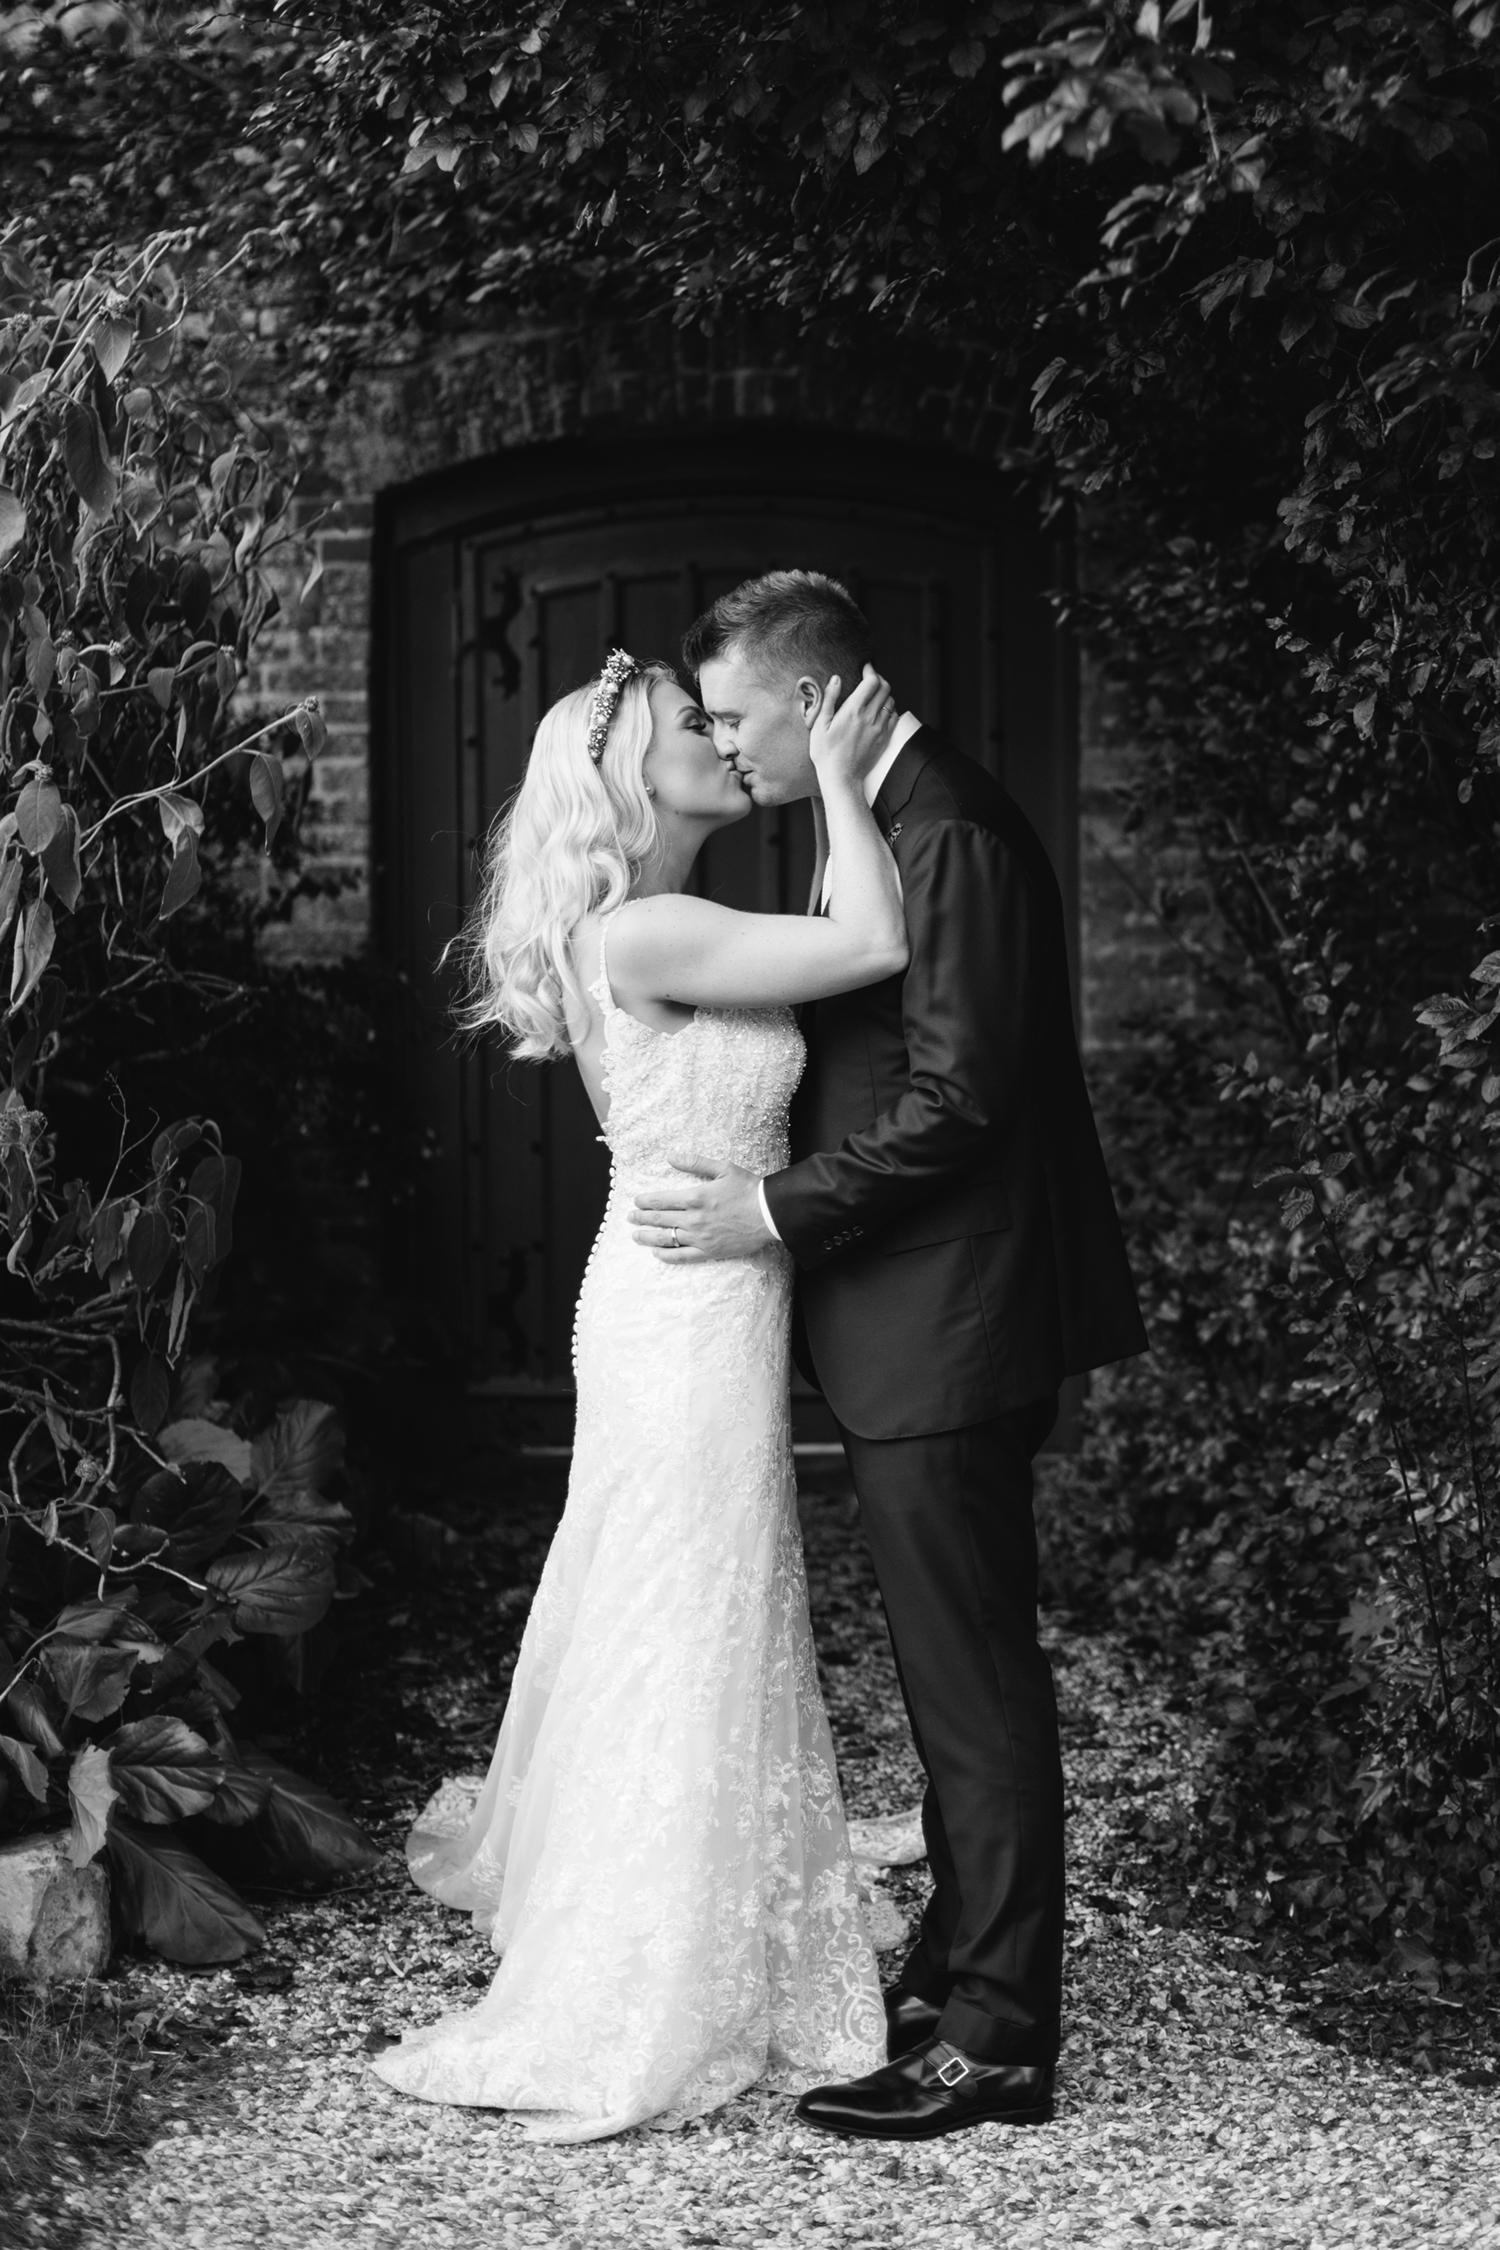 Farnham-Castle-Wedding-Photographer0001.jpg